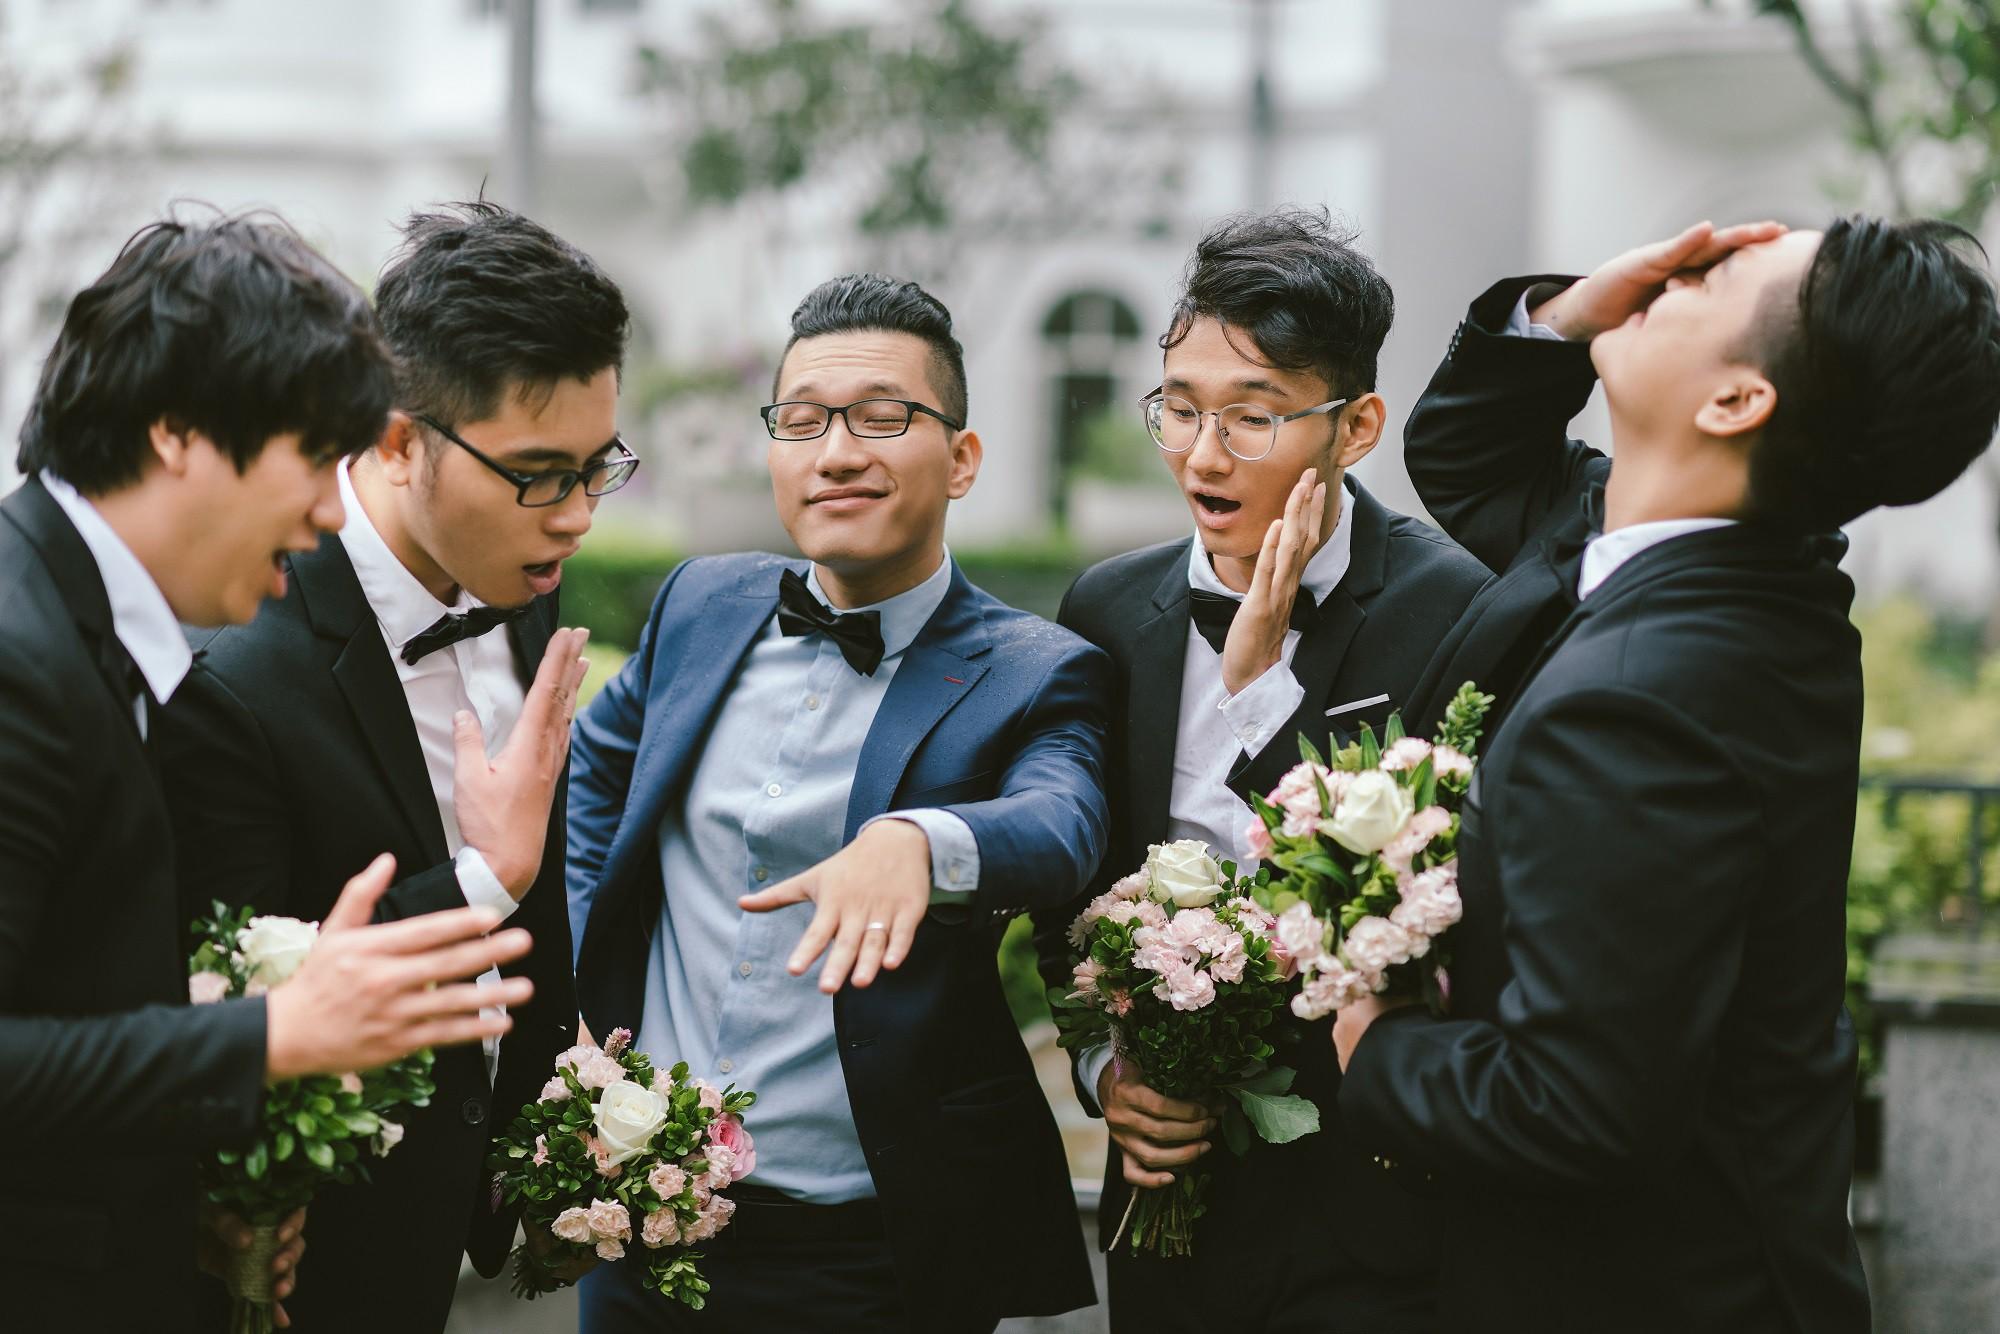 Em gái Trấn Thành kết hôn với bạn trai Hồng Kông, tung bộ ảnh cưới nhắng nhít cùng hội bạn thân - Ảnh 10.